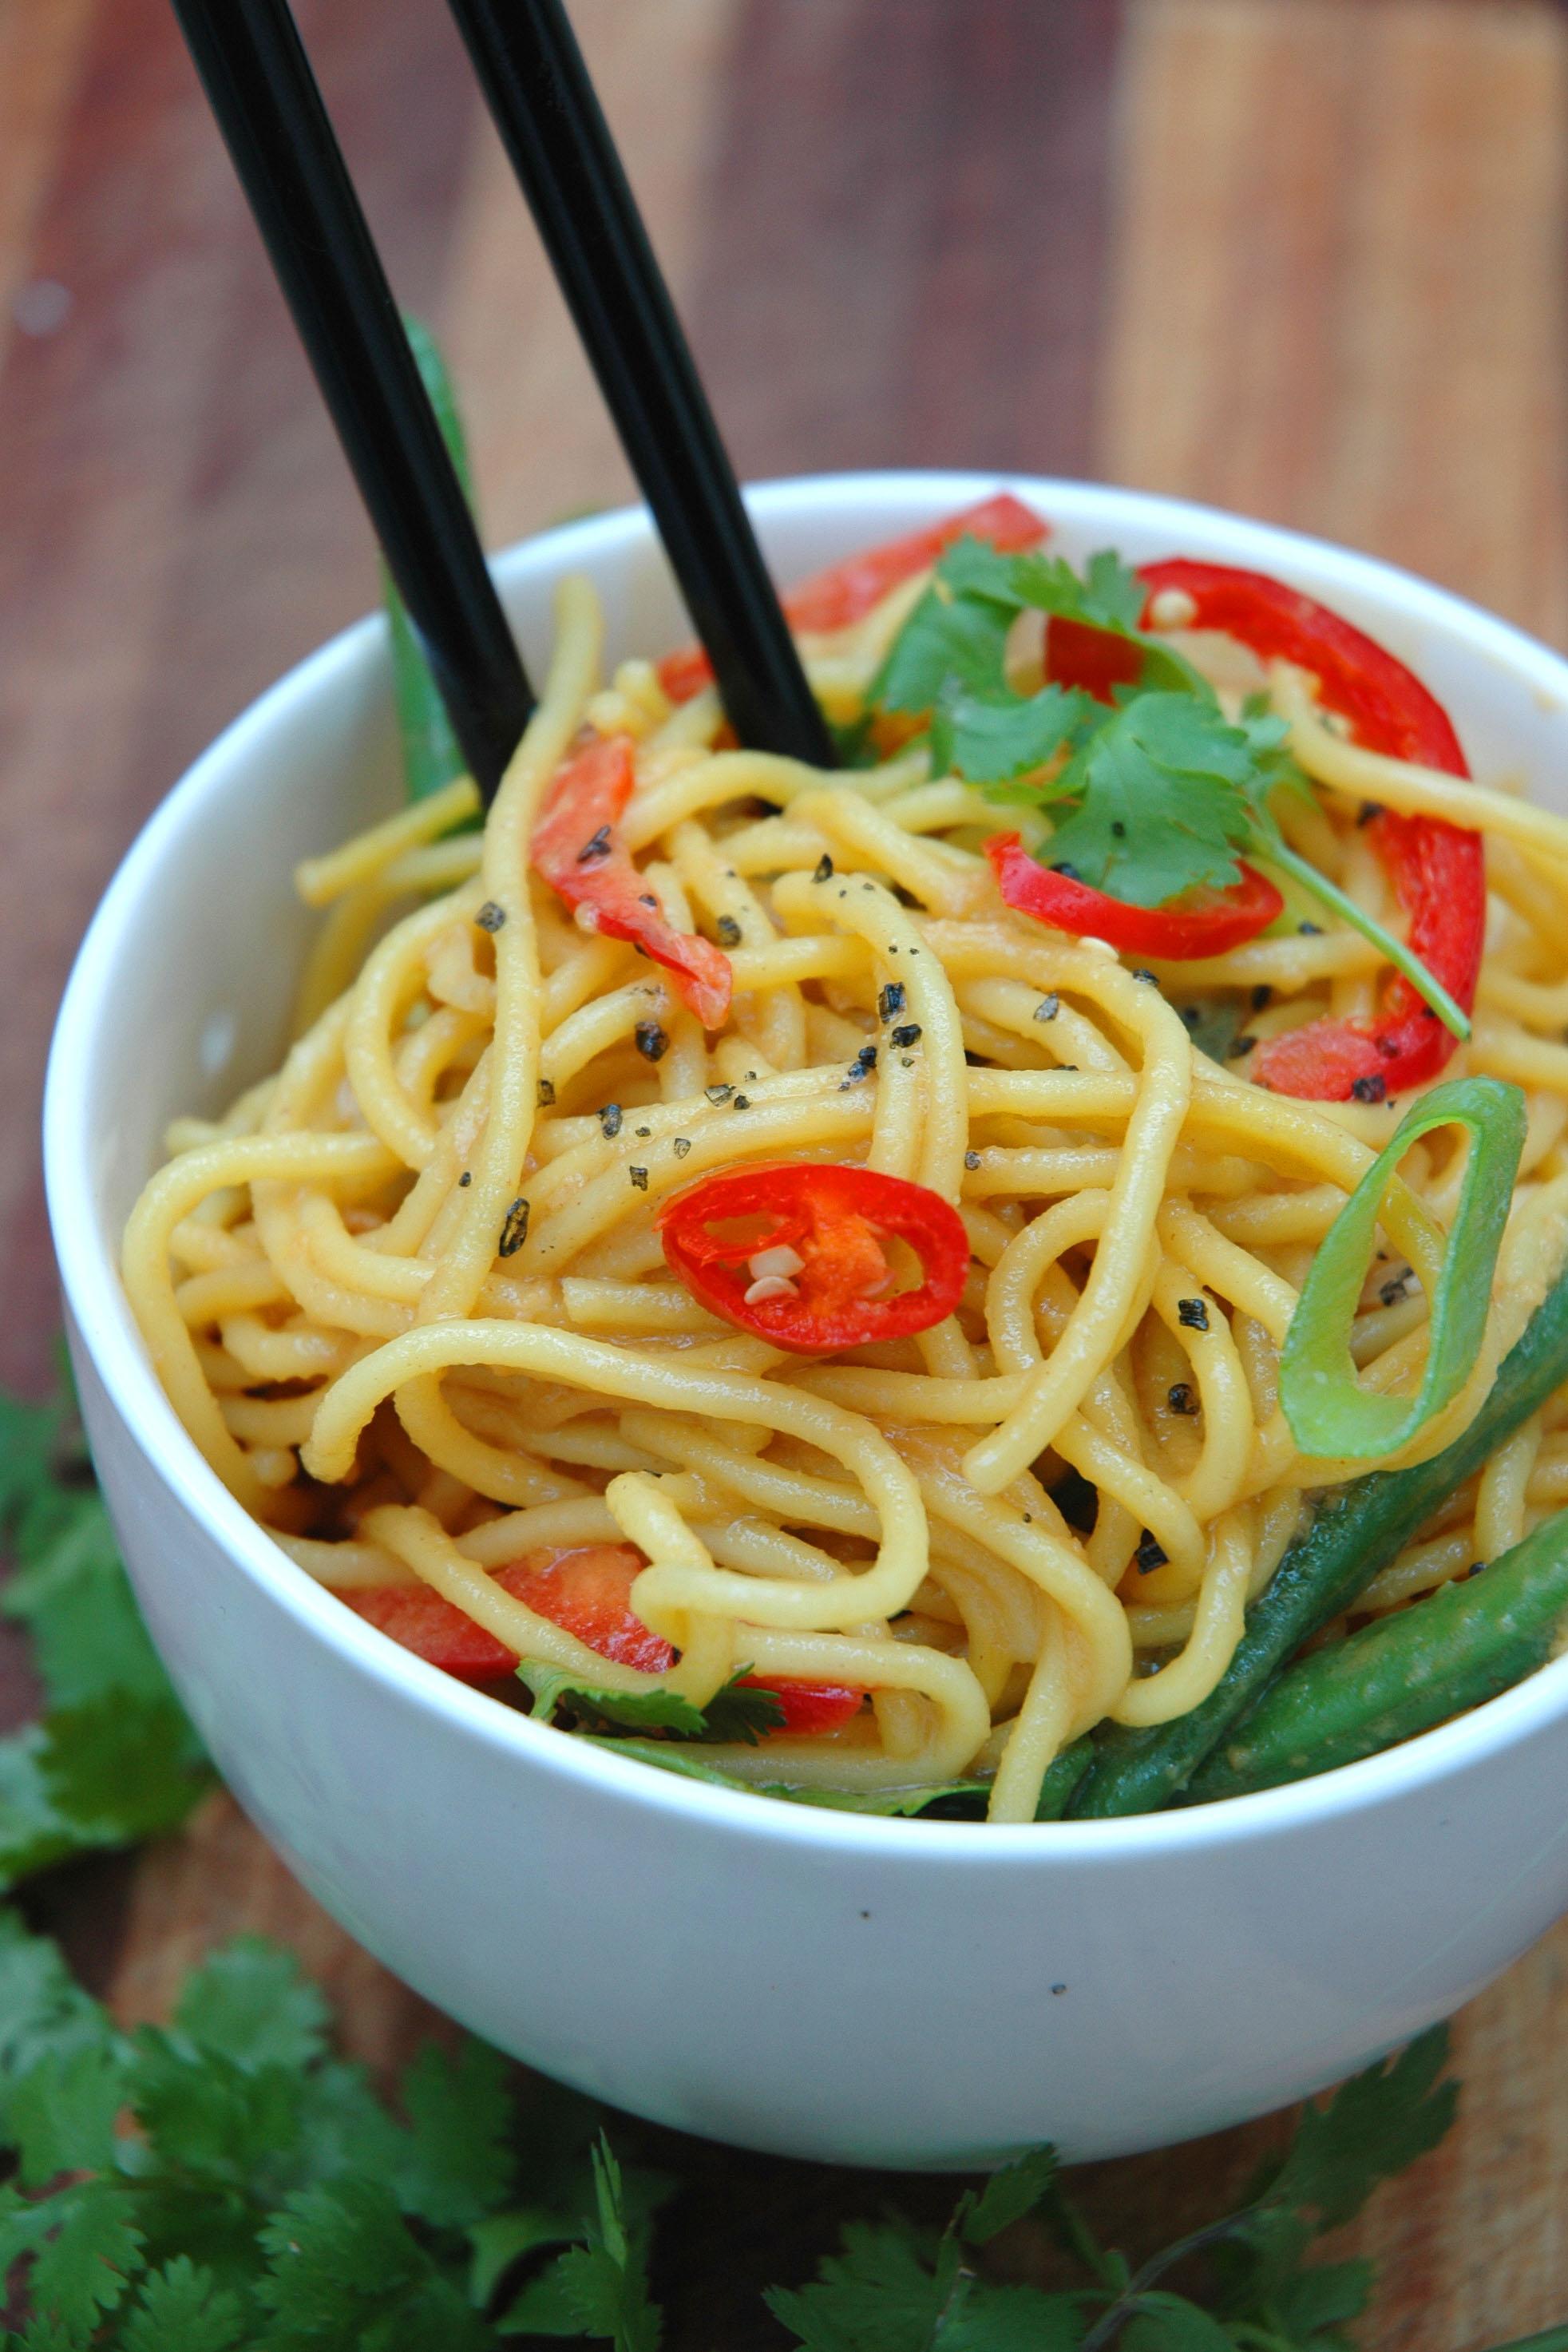 Ina garten spaghetti prepossessing spaghetti aglio e olio Ina garten capellini with tomatoes and basil